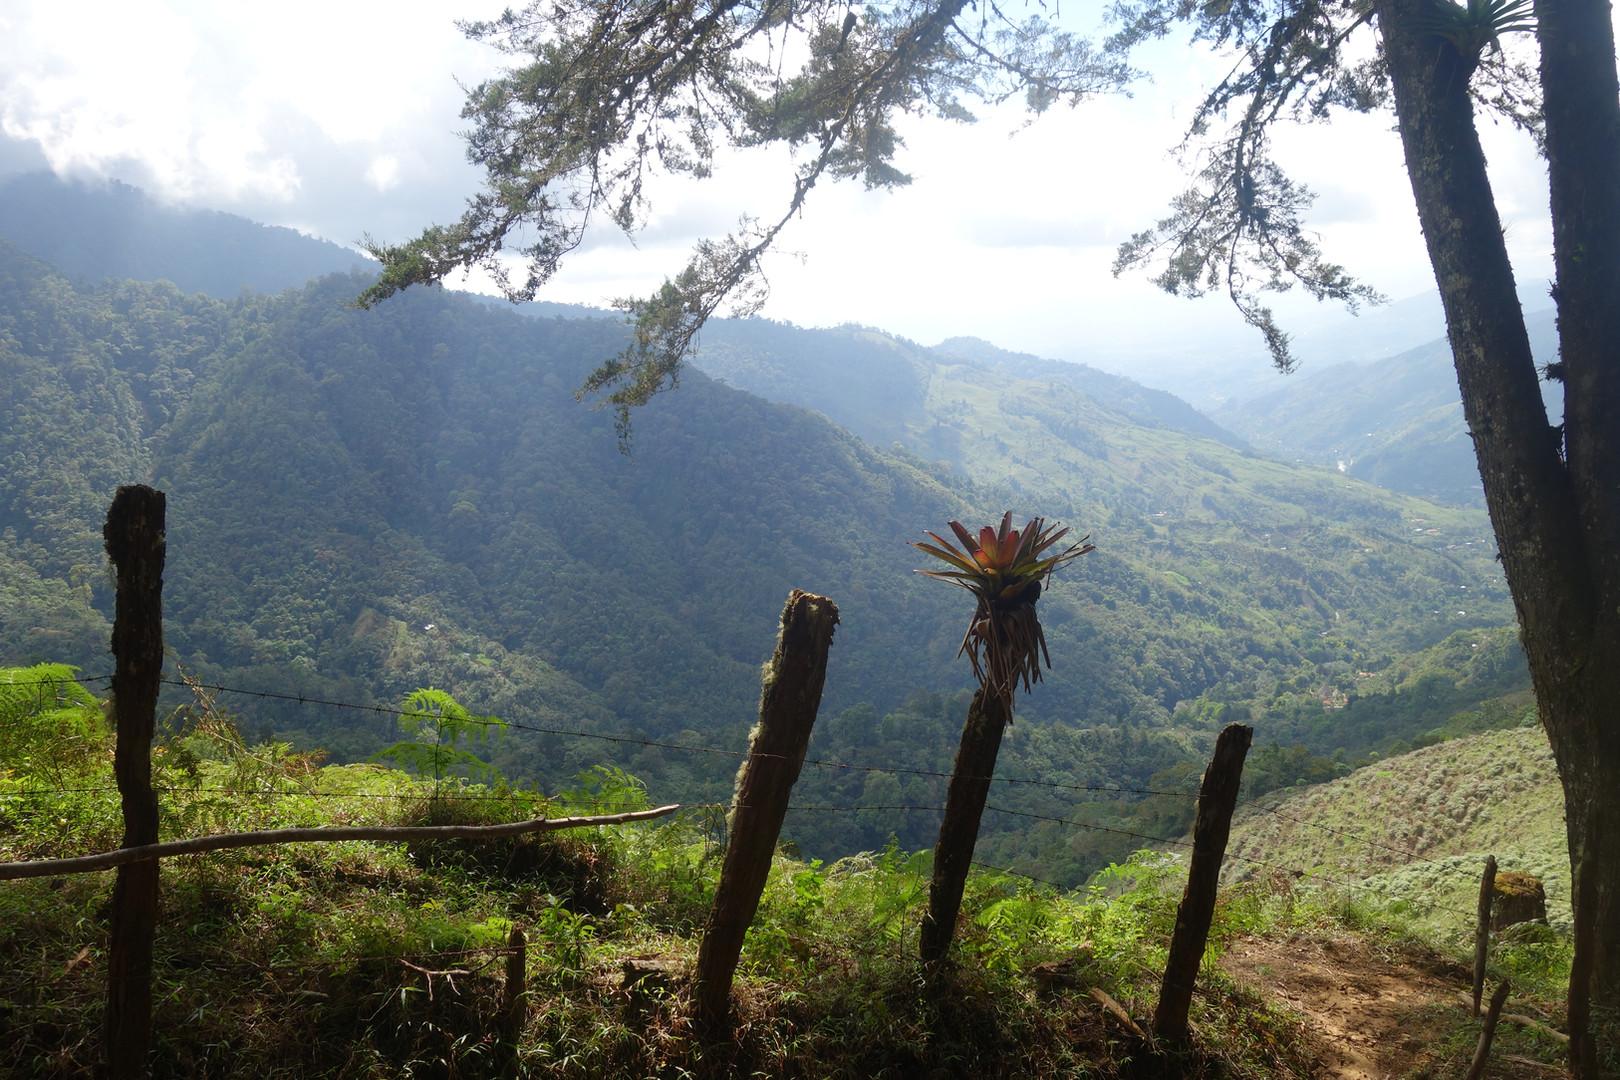 Costa Rica Cerro Chirripo valley